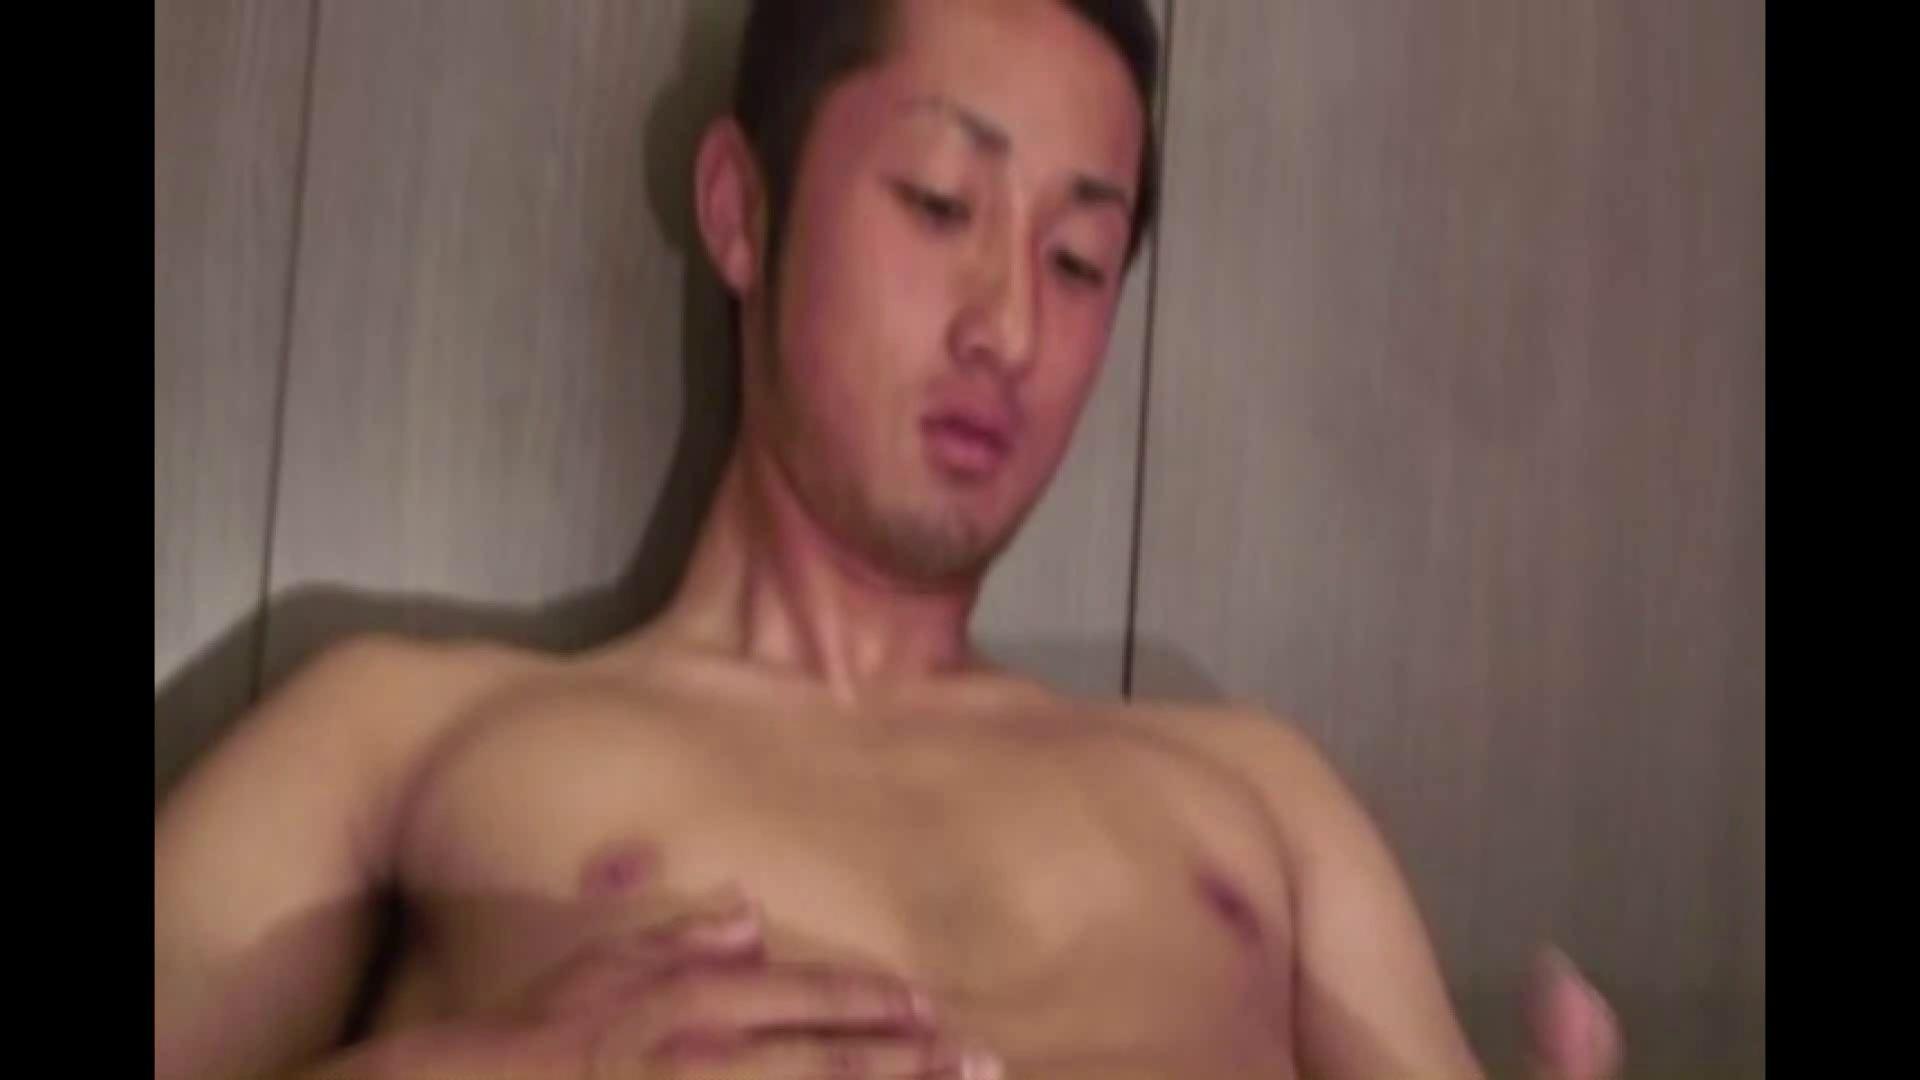 ノンケイケメンの欲望と肉棒 Vol.4 ノンケのオナニー ゲイ射精画像 110連発 42